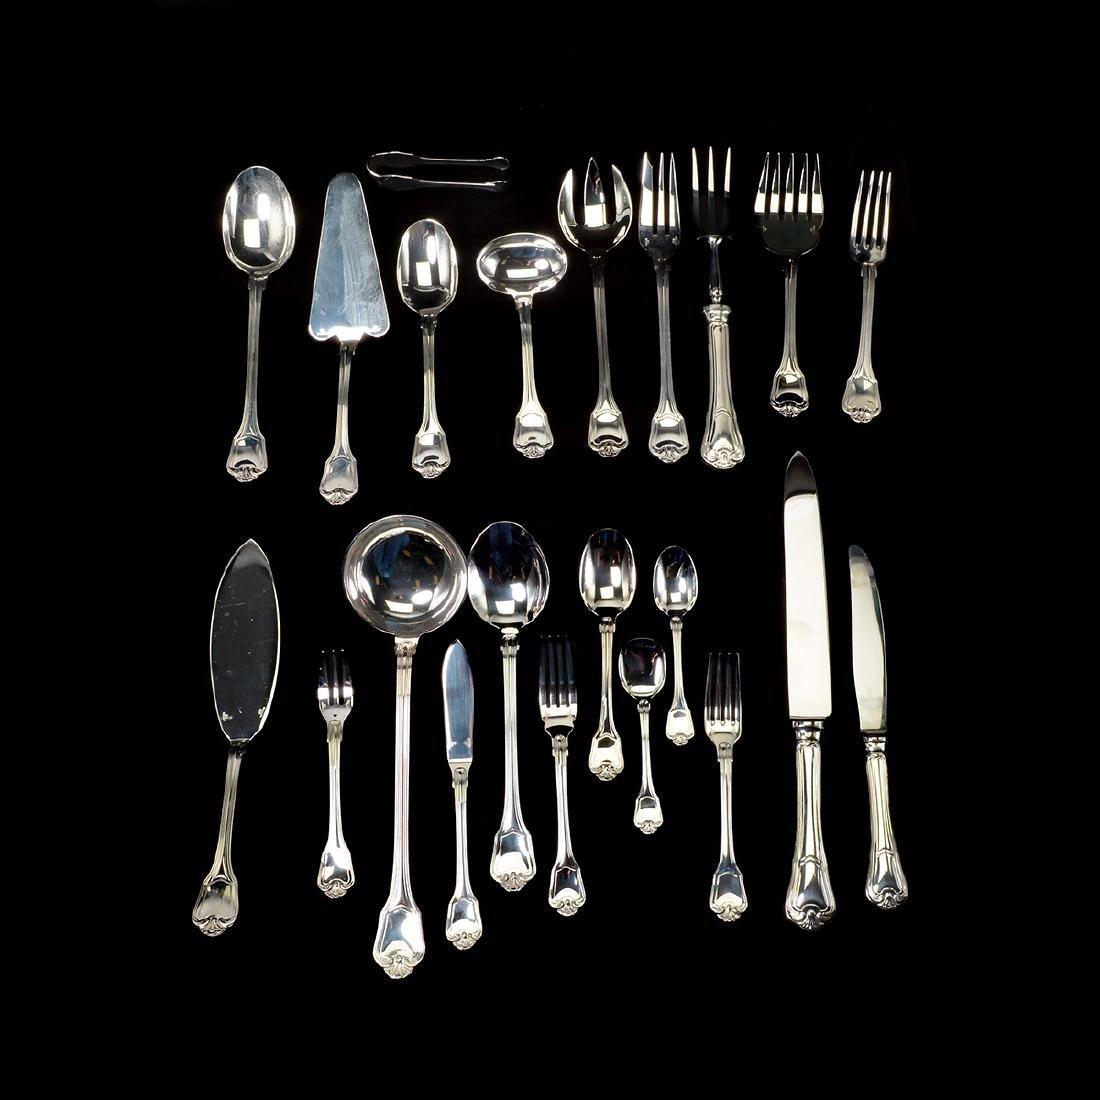 Christofle Silver-Plate Flatware, Case [144 pcs]